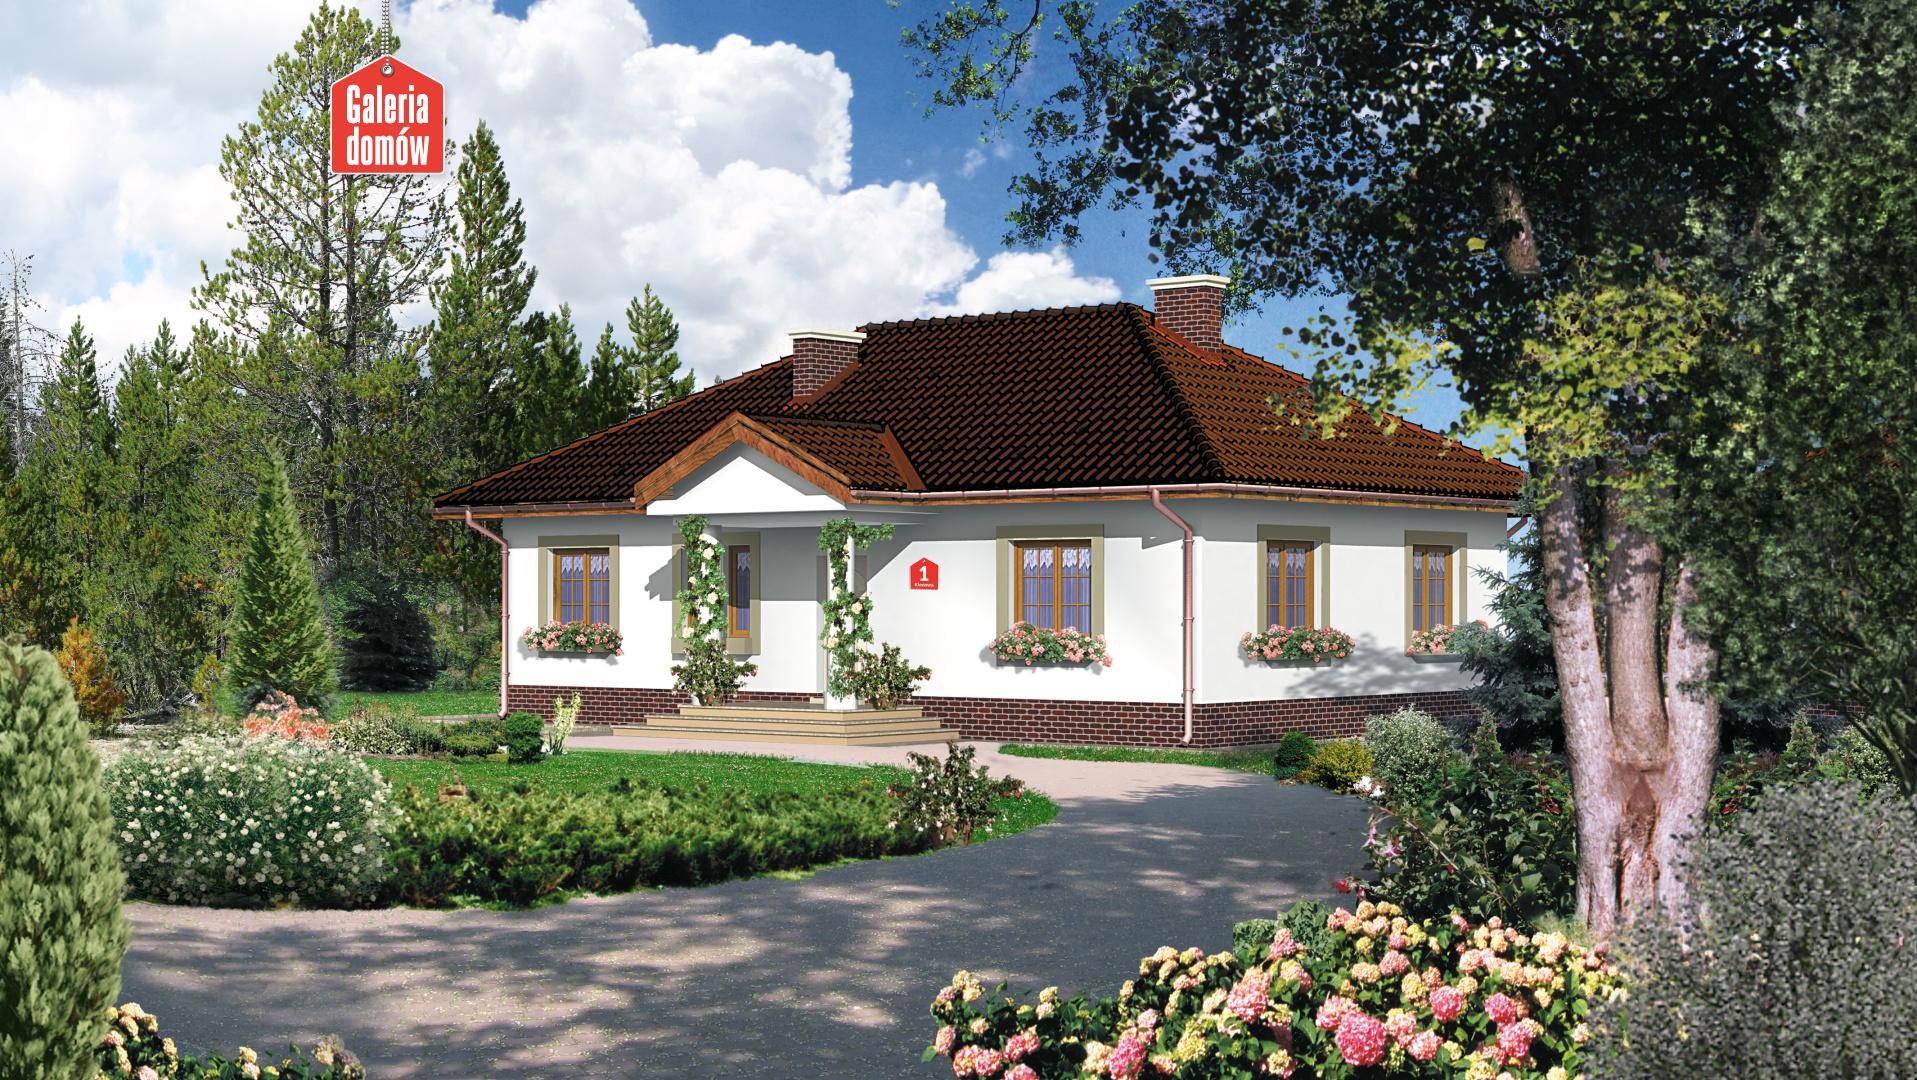 Dom przy Klonowej - zdjęcie projektu i wizualizacja